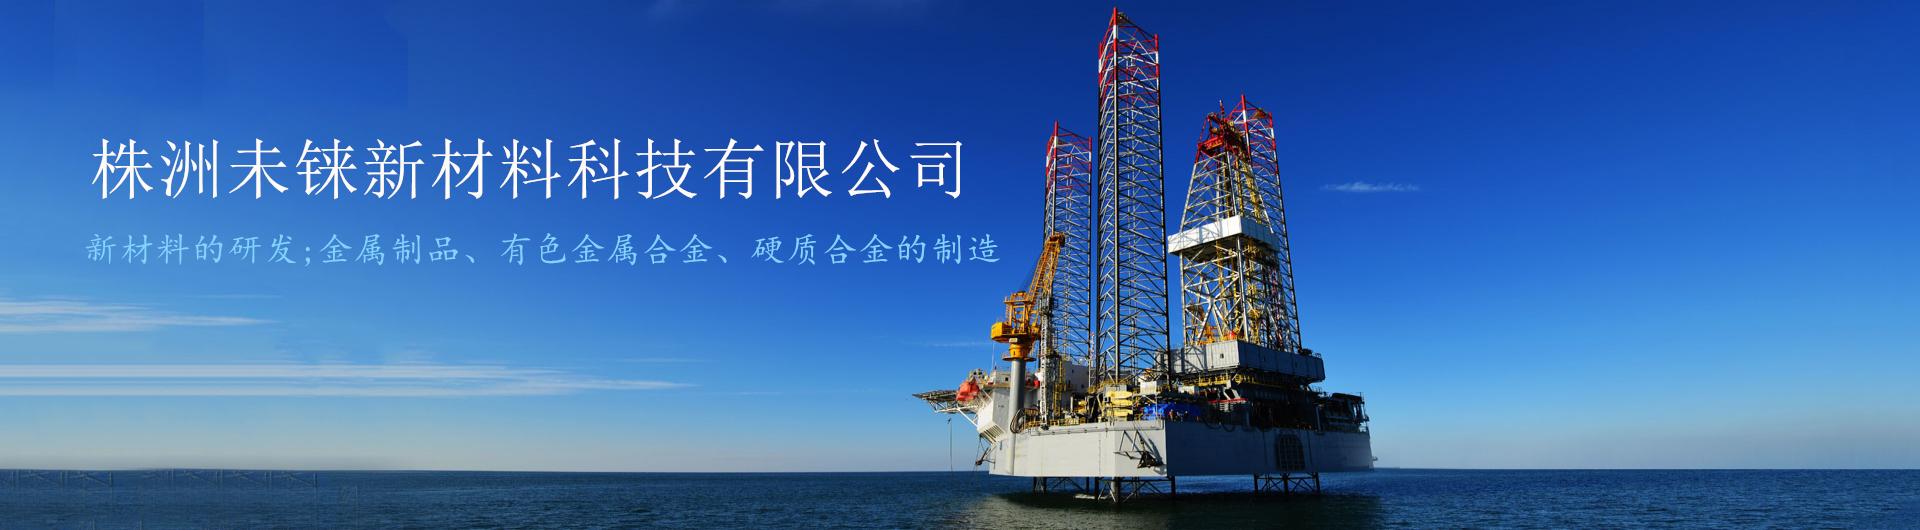 钨铼合金石油领域